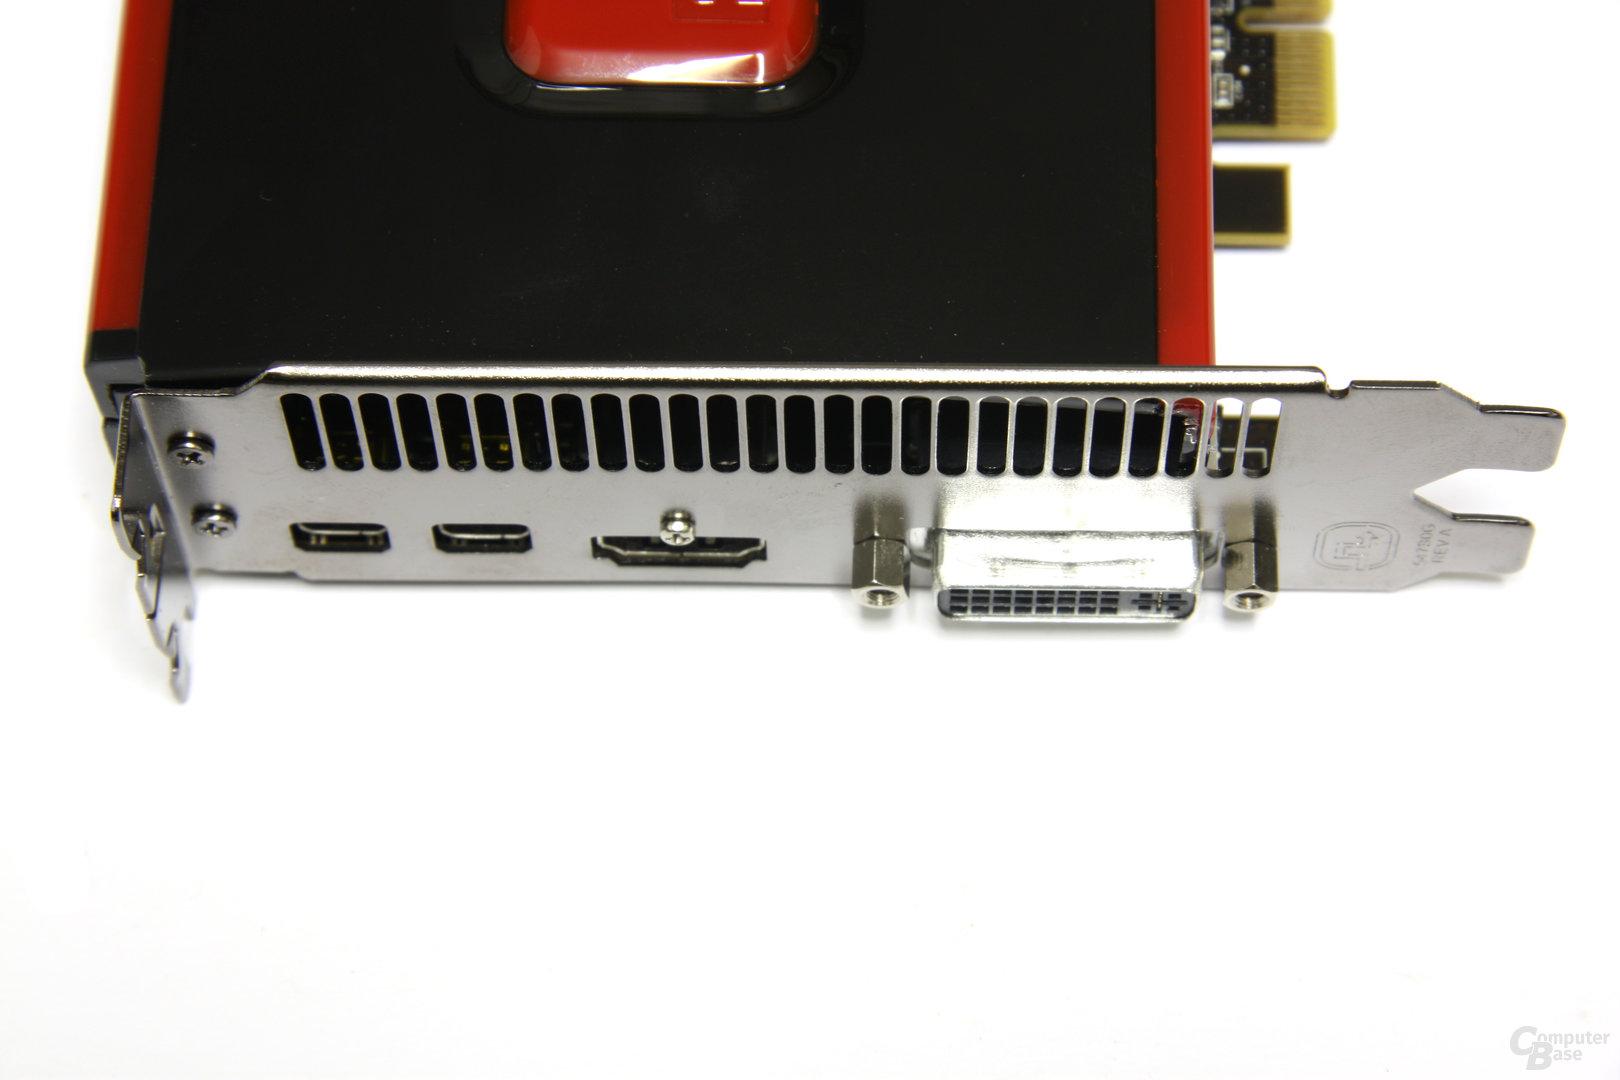 Radeon HD 7950 Anschlüsse